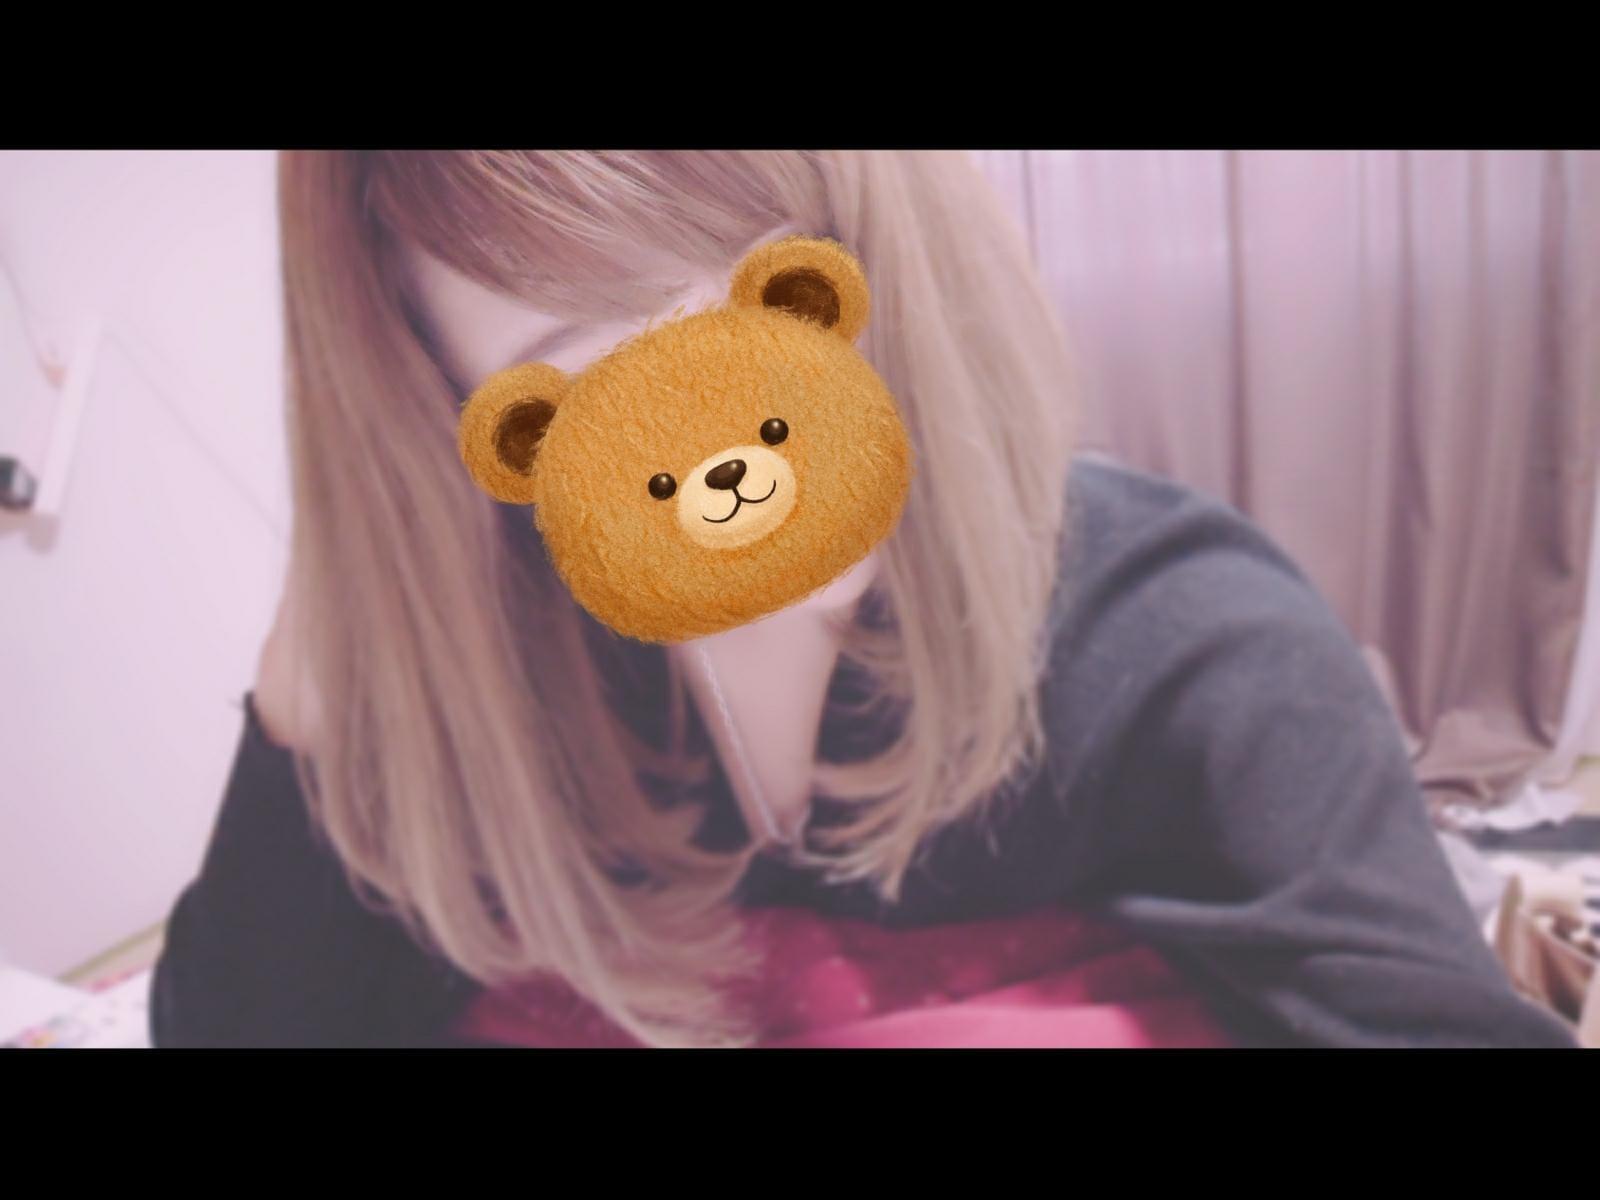 「こんにちはー」01/24(木) 11:11   まりの写メ・風俗動画